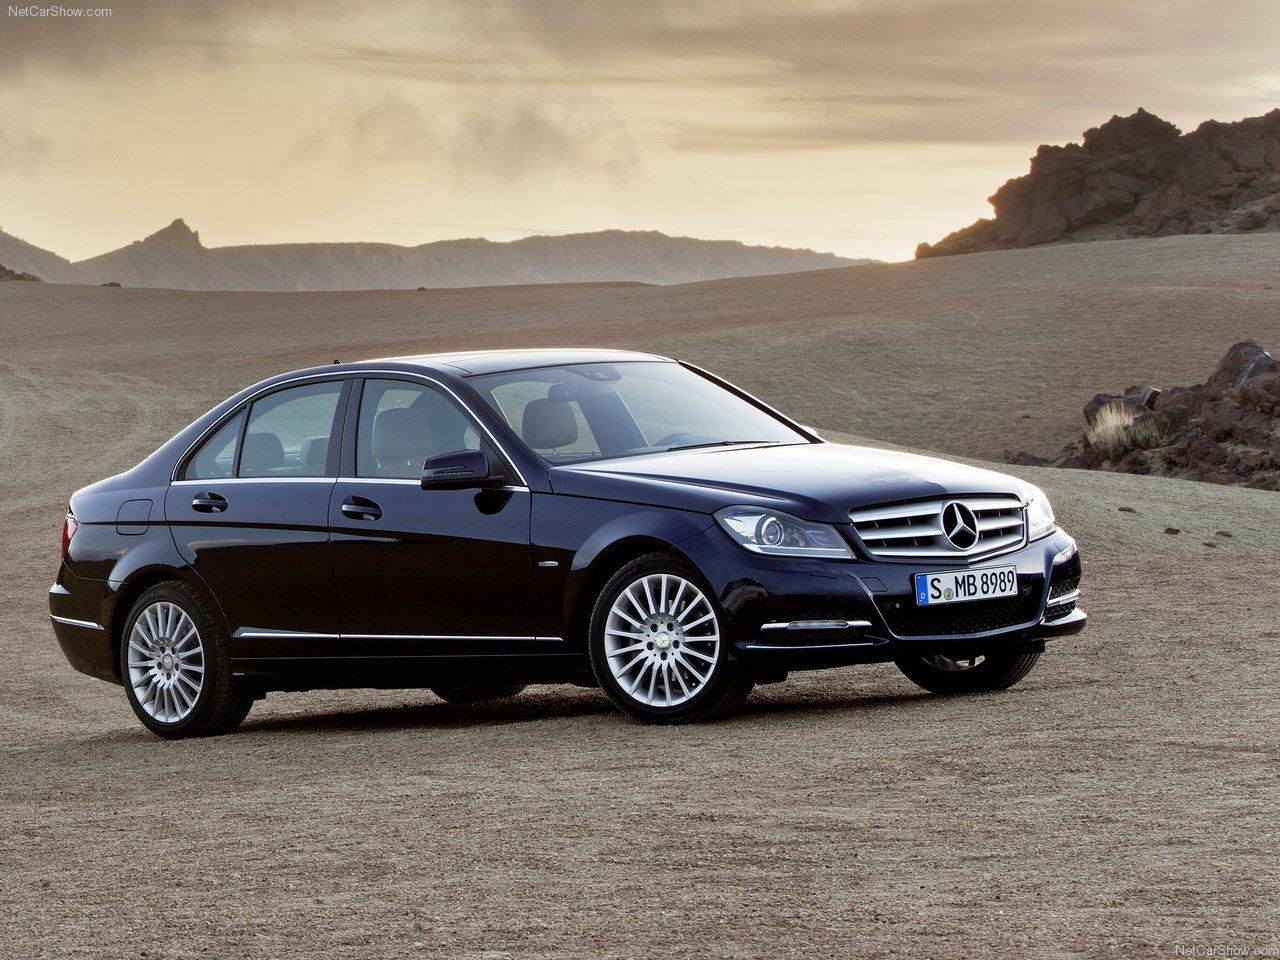 http://2.bp.blogspot.com/_xhqjRo6NERQ/TRL8dB4VIqI/AAAAAAAAJ6o/5CxA1q2EqeU/s1600/Mercedes-Benz-C-Class_2012_1280x960_wallpaper_03.jpg